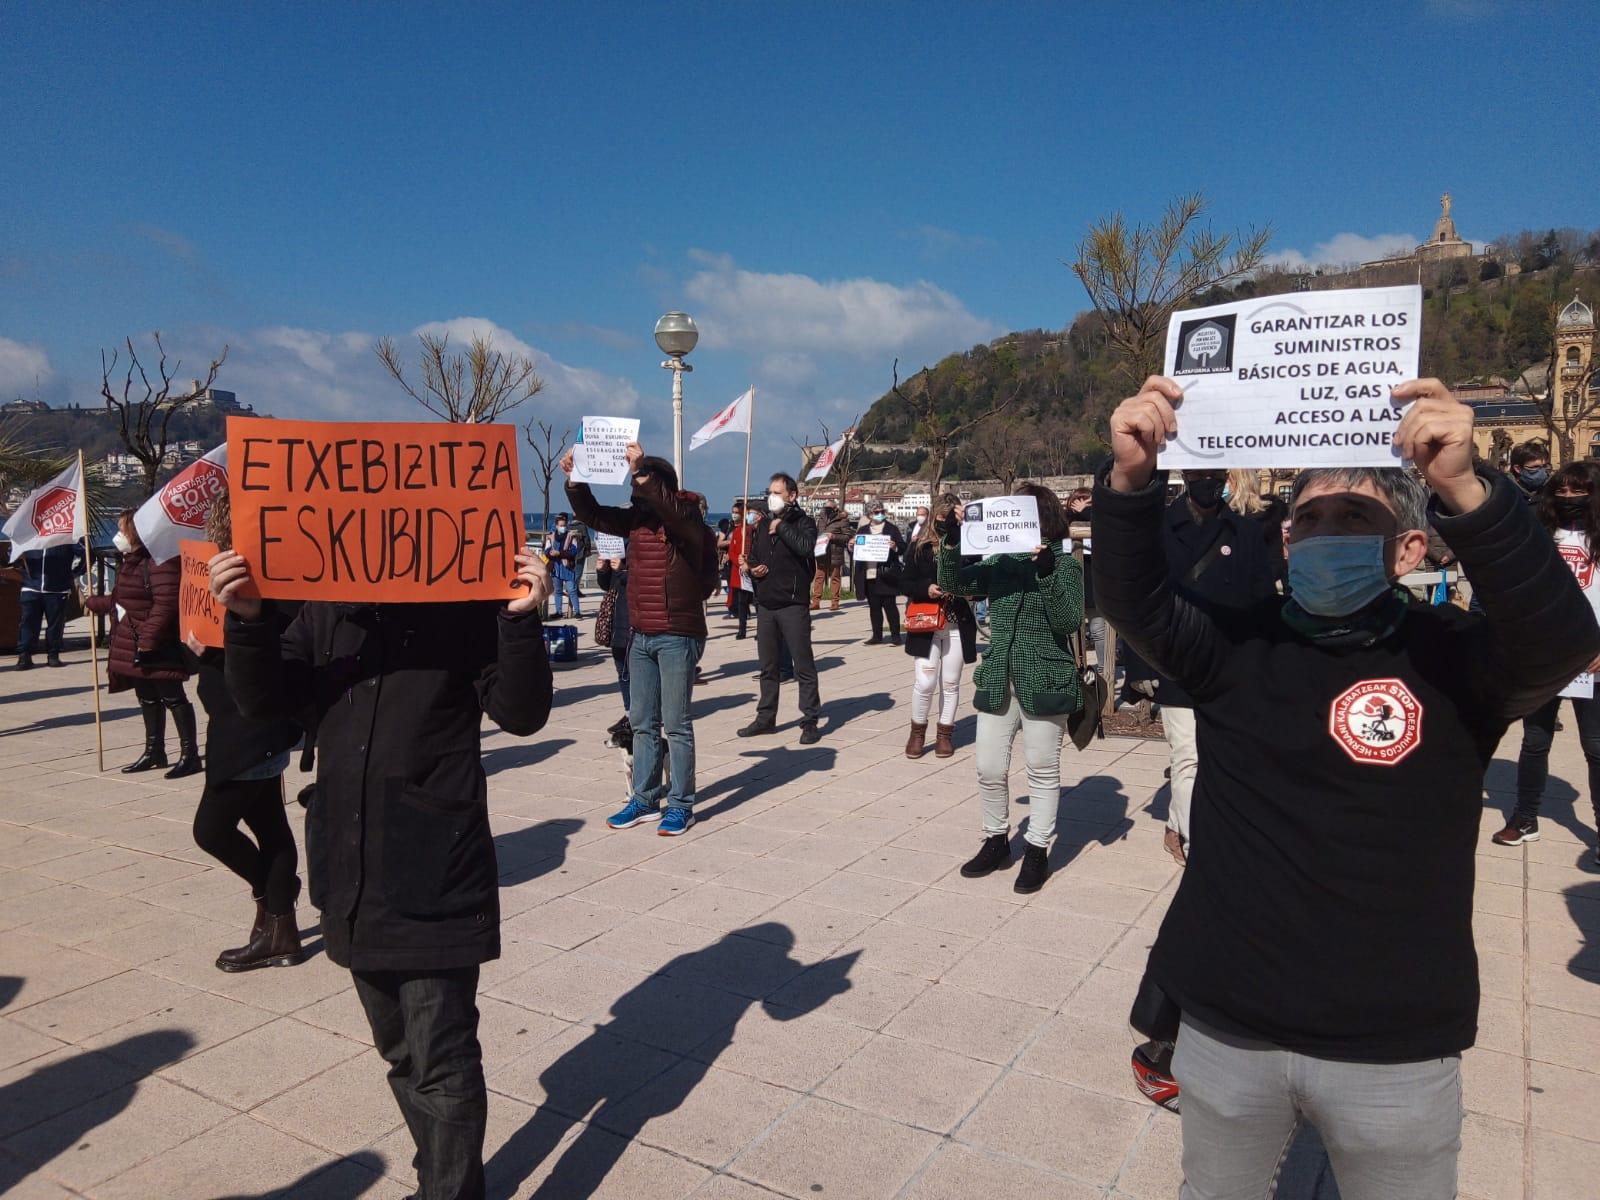 Archivo. Manifestación del 20  de marzo por el derecho a la vivienda. Foto: A.E.